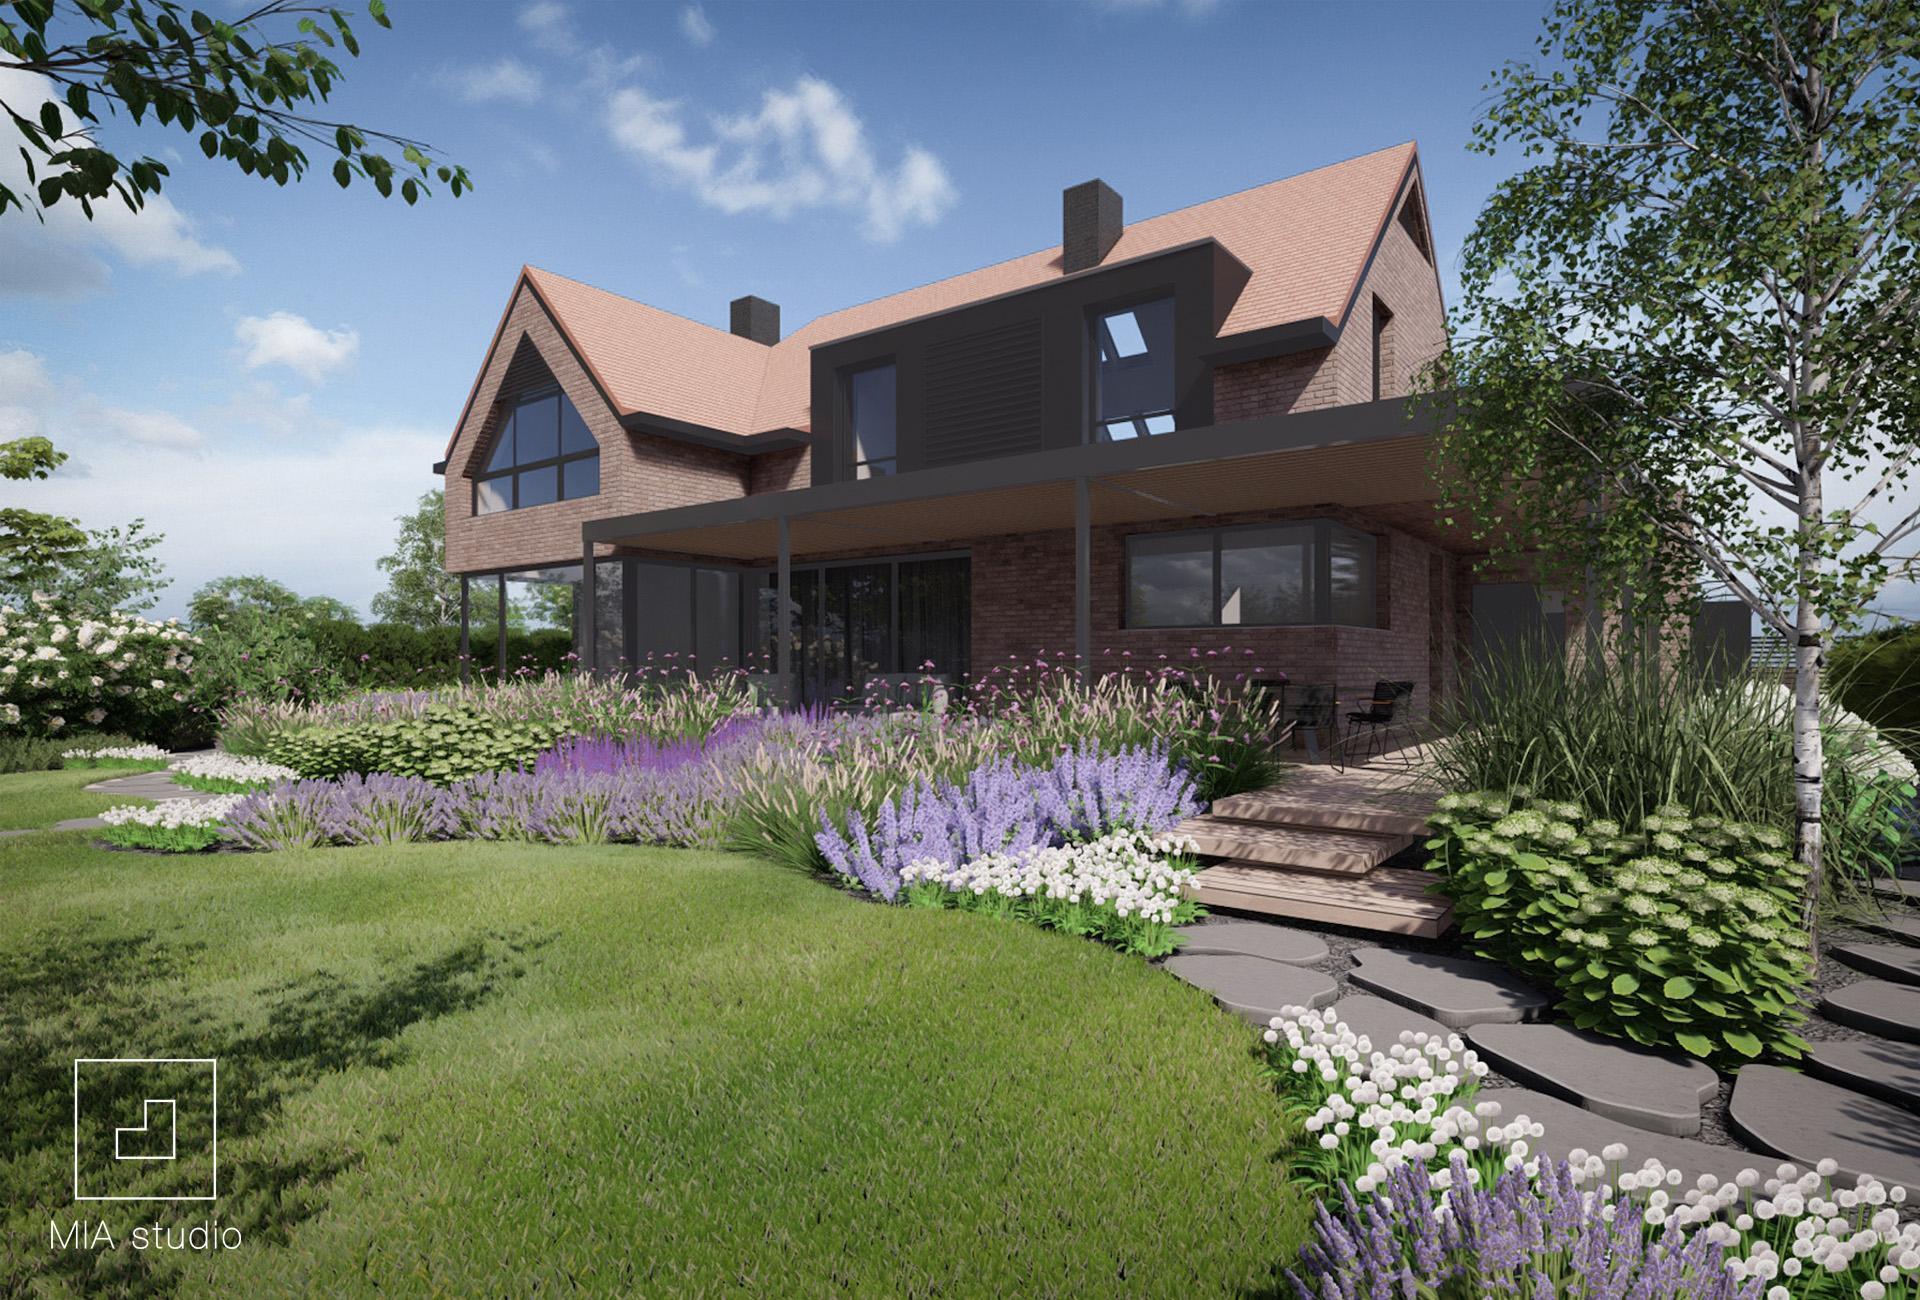 ogród przy nowoczesnym domu z cegły